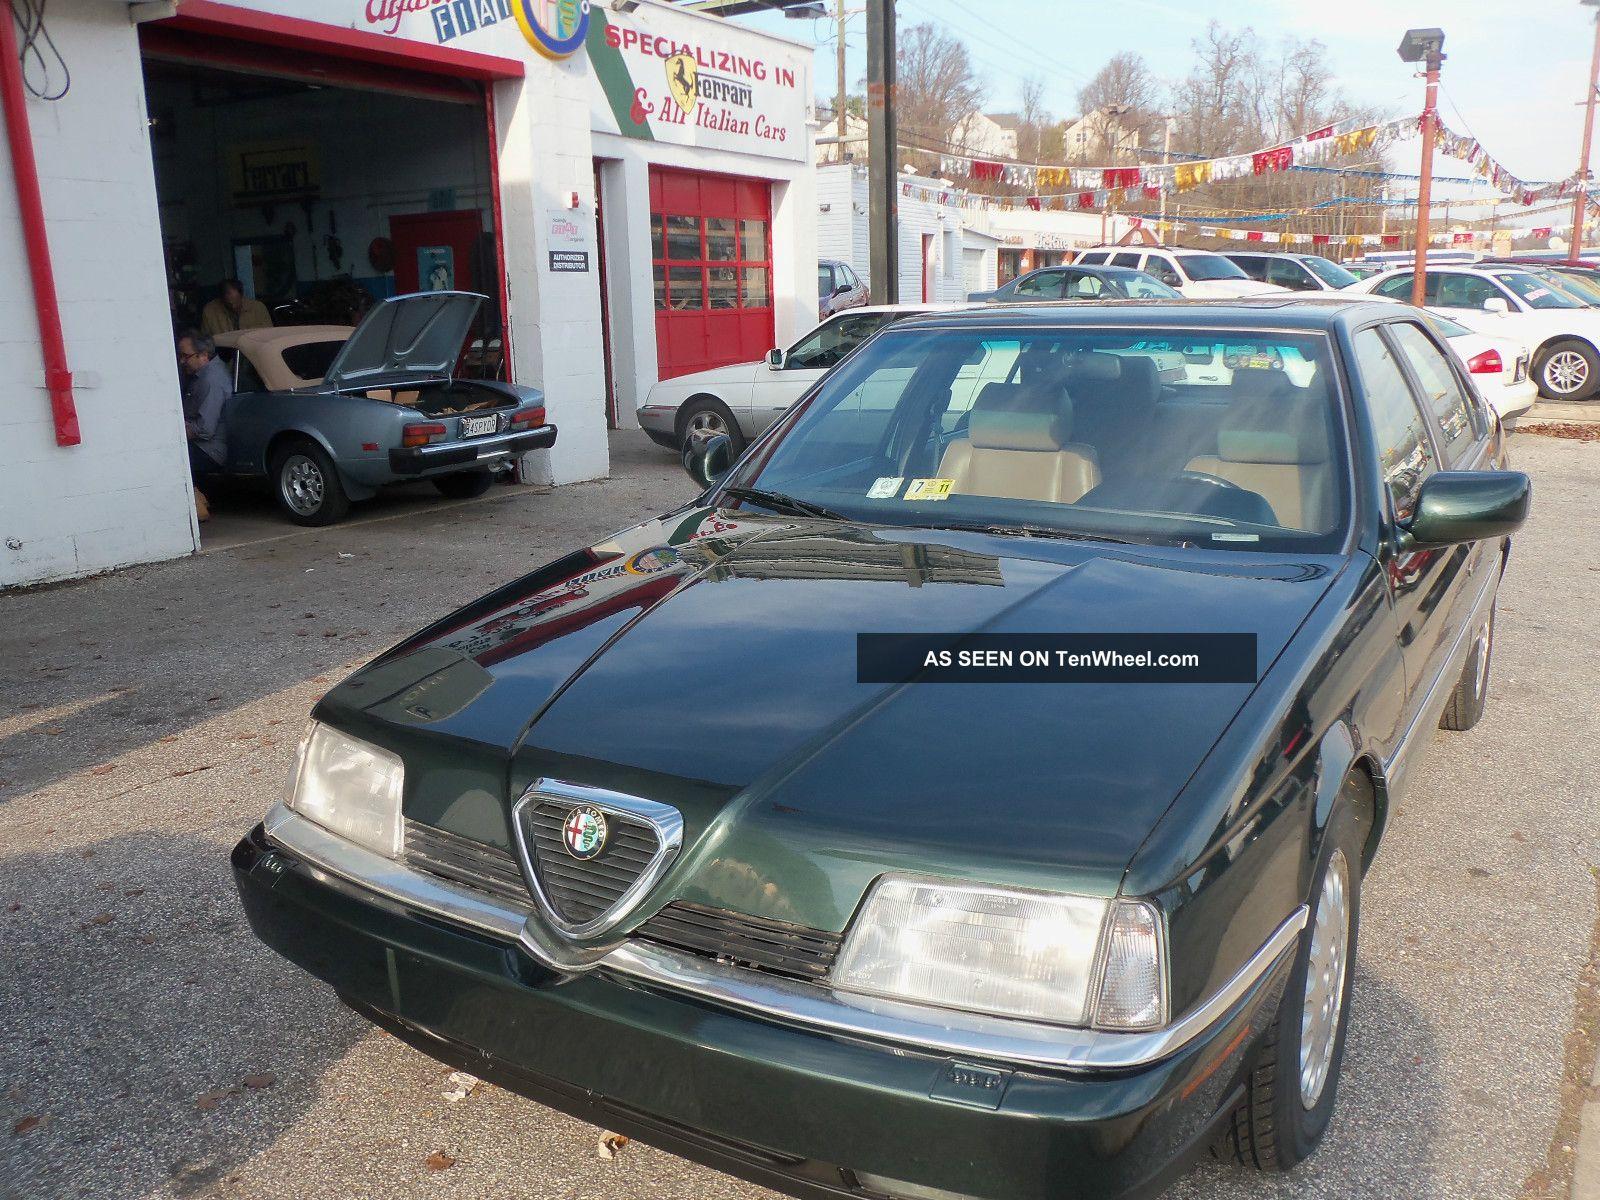 1995 Alfa Romeo 164ls - $7000 164 photo